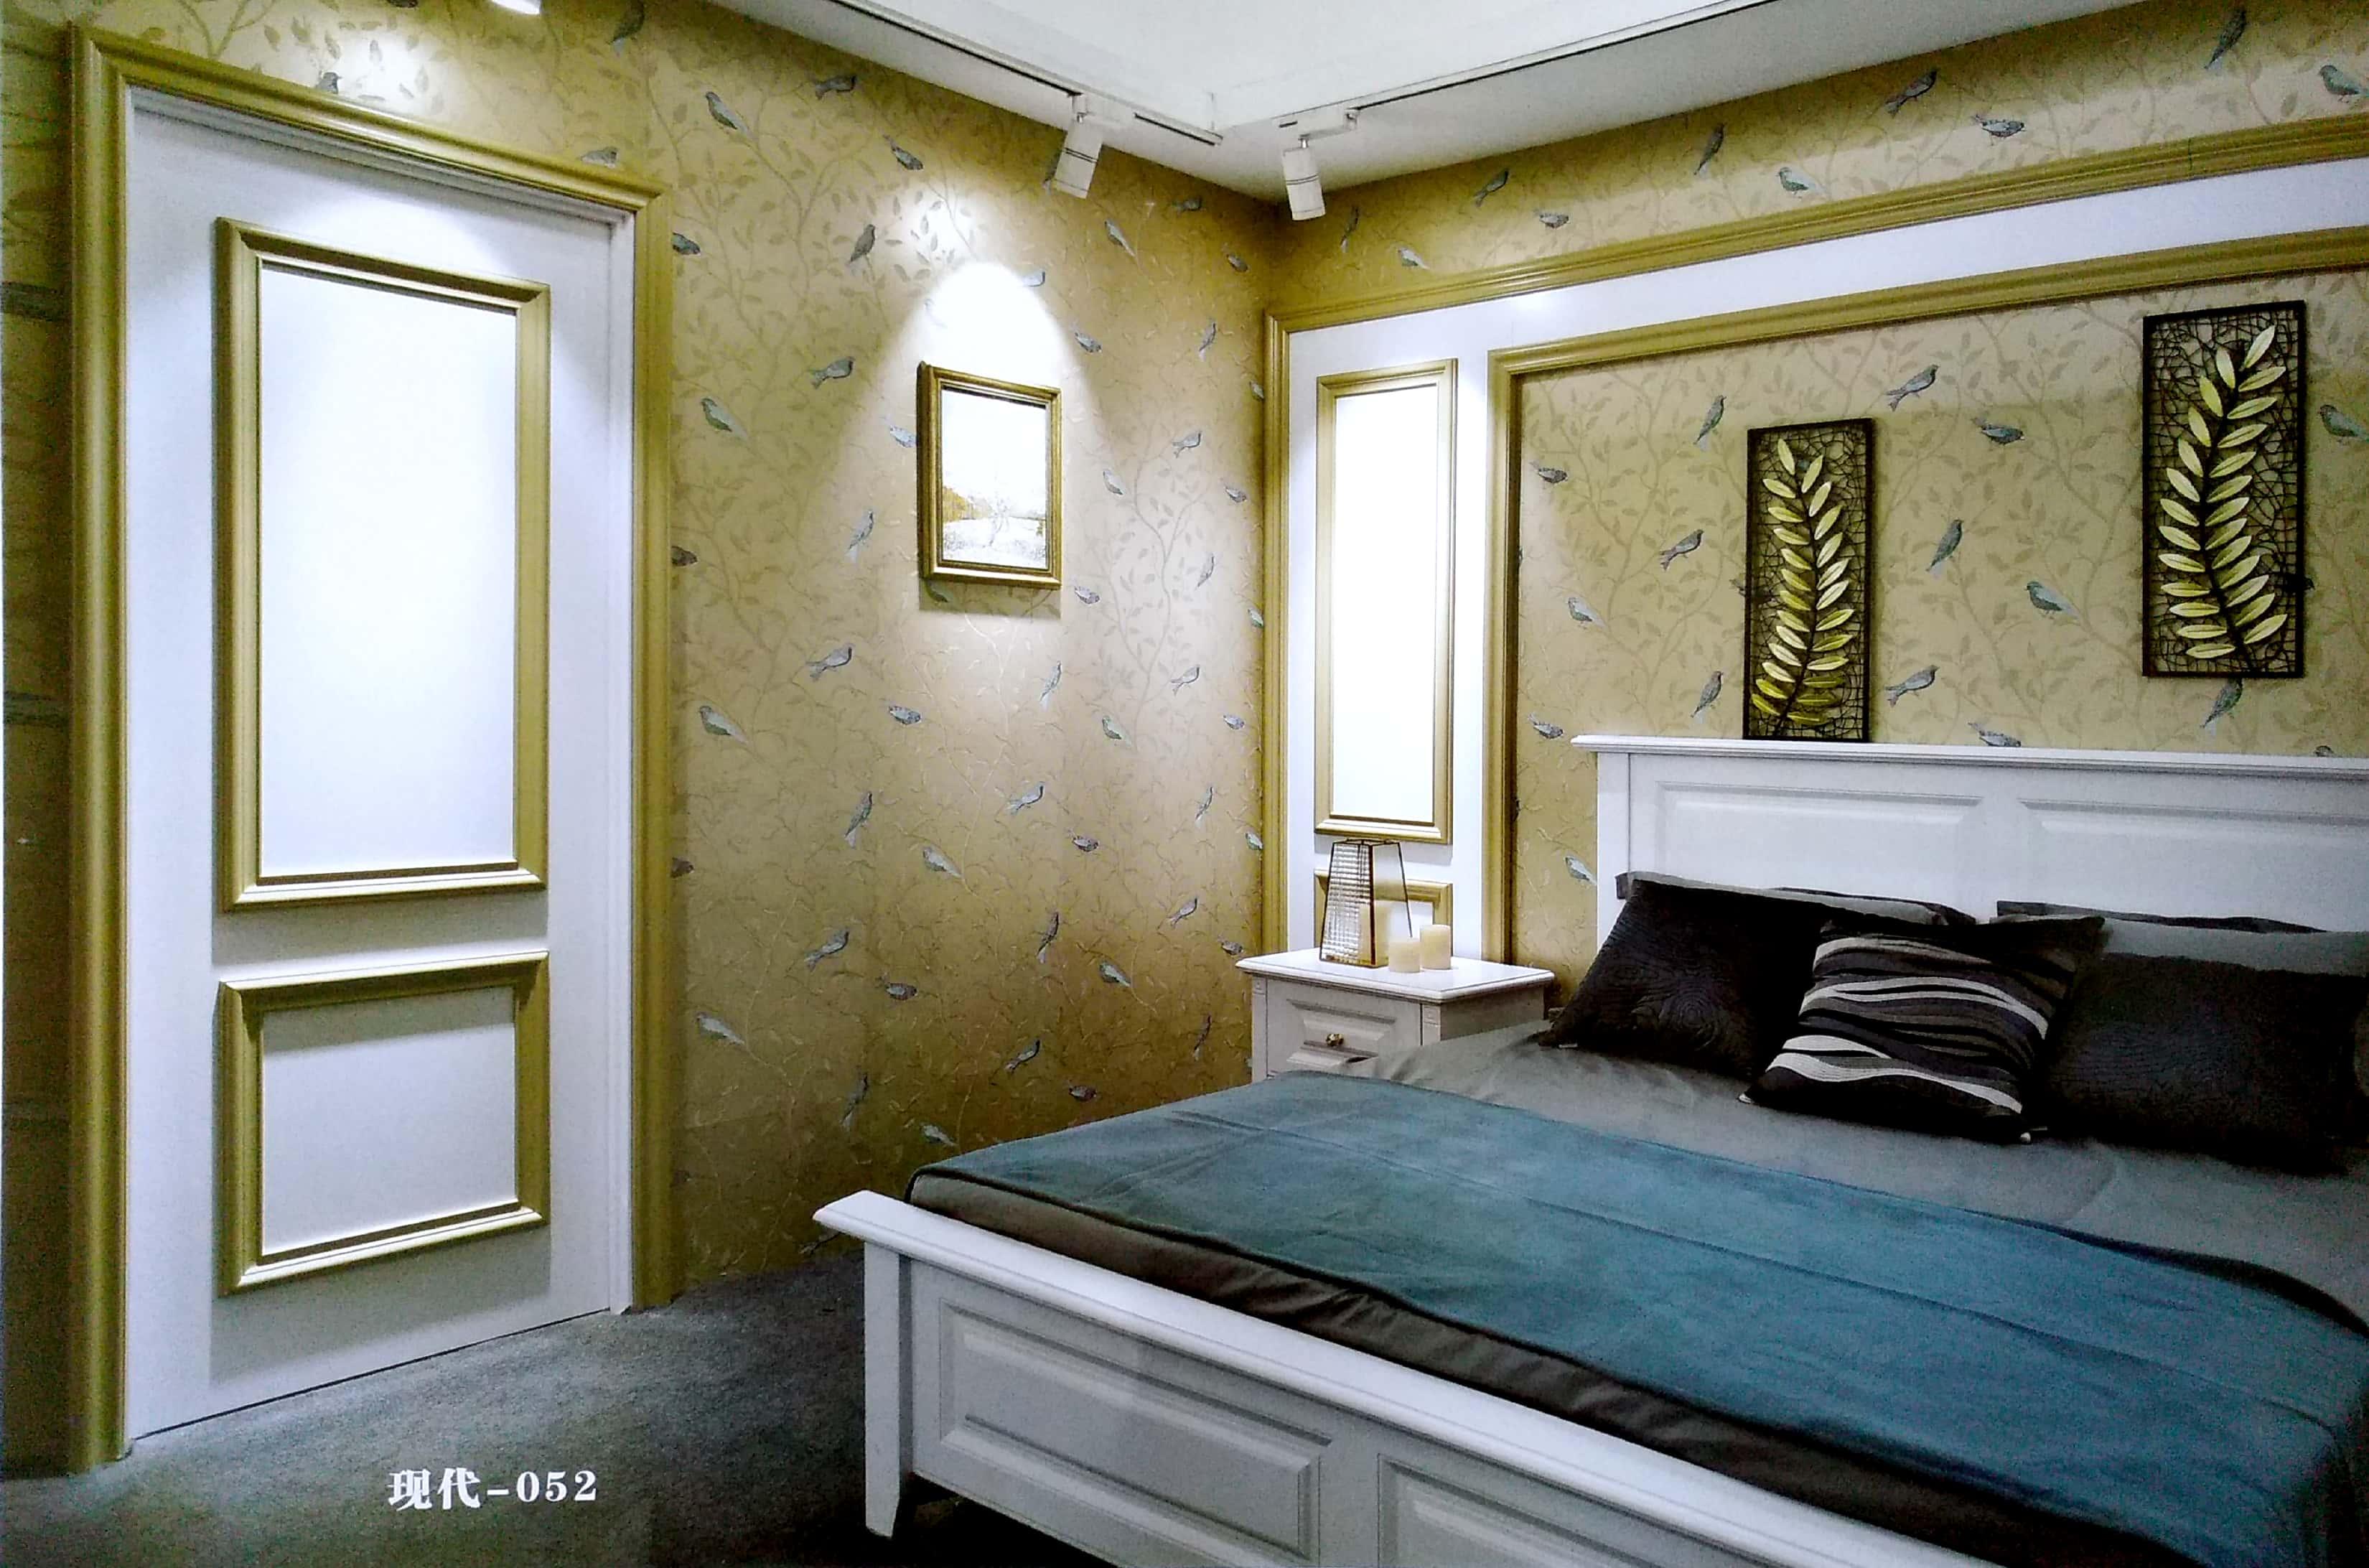 郑州海马公园二期李先生选择全网定制家居厂家古轩木门